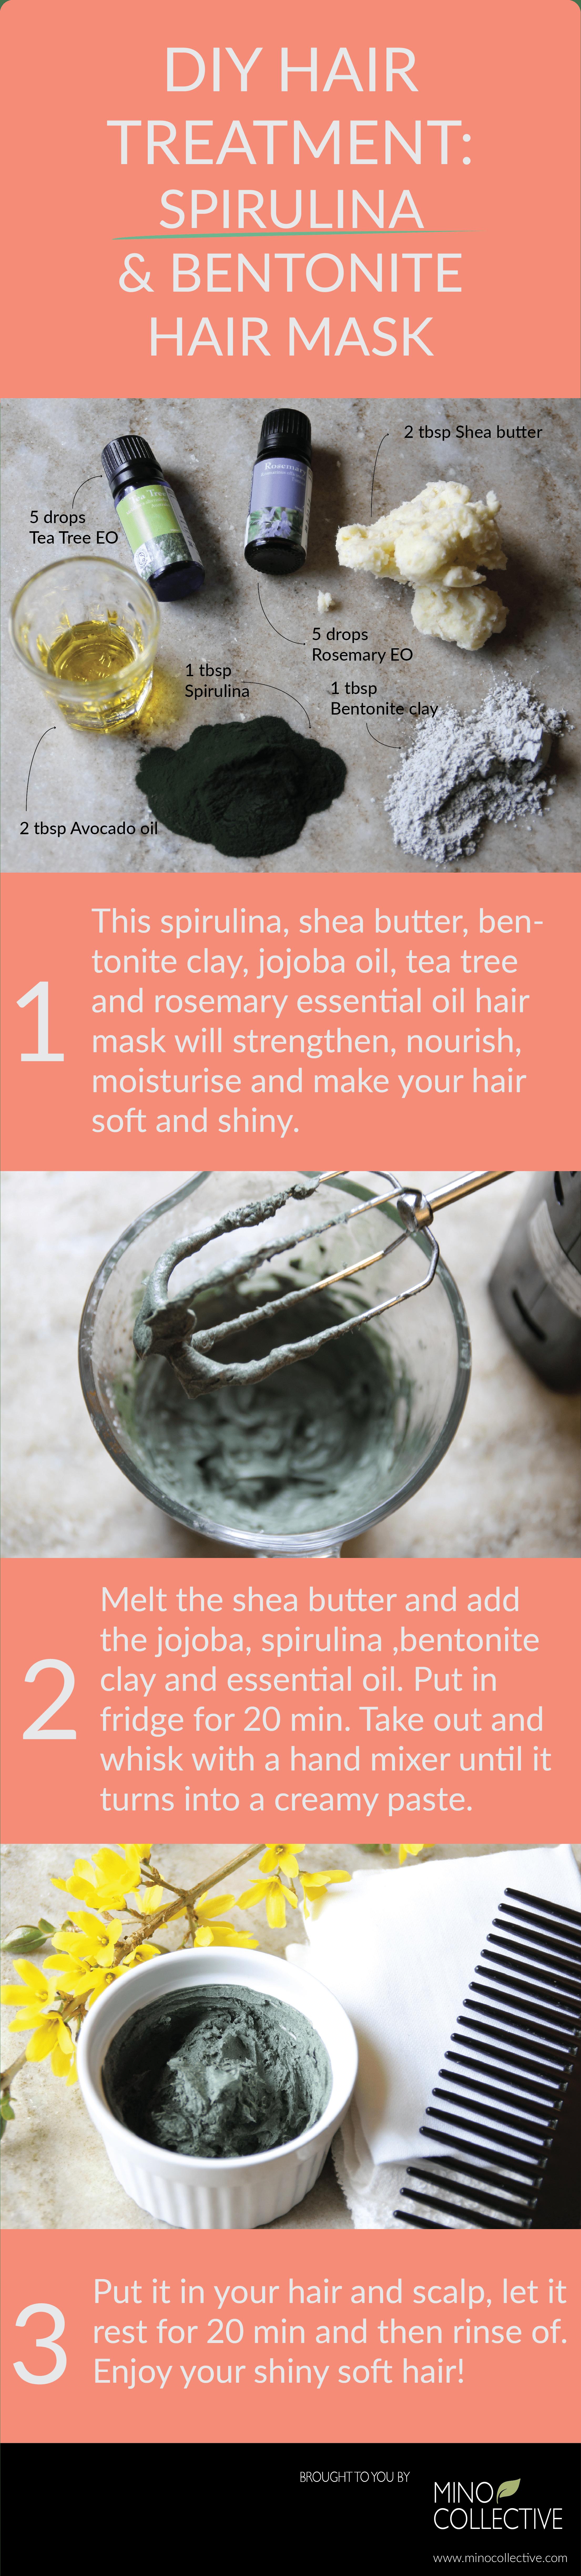 This Diy Spirulina And Bentonite Clay Detoxifying Hair Mask Will